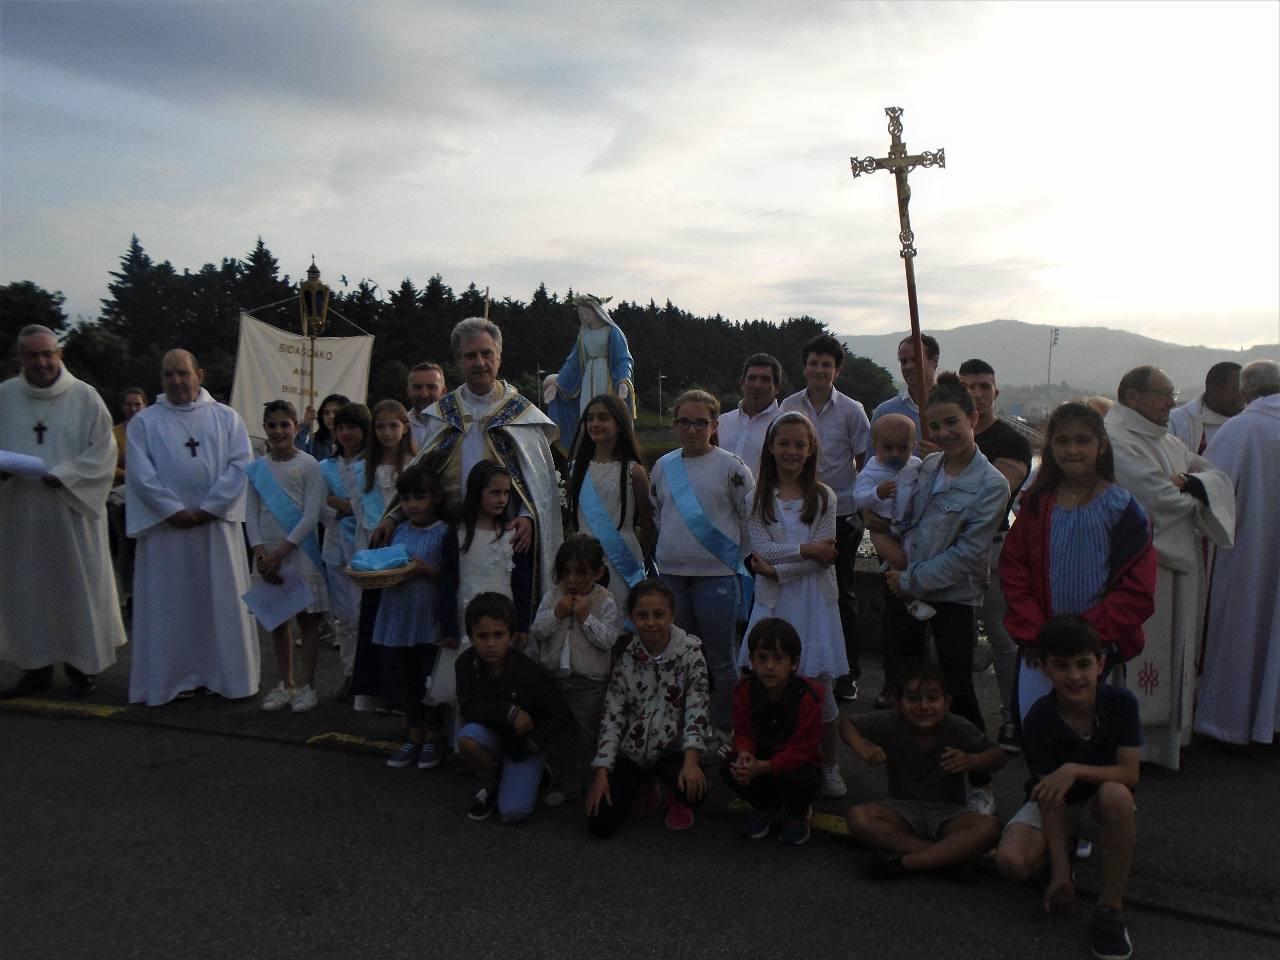 ... sans oublier les autres enfants, petits et grands, qui ont suivi la procession